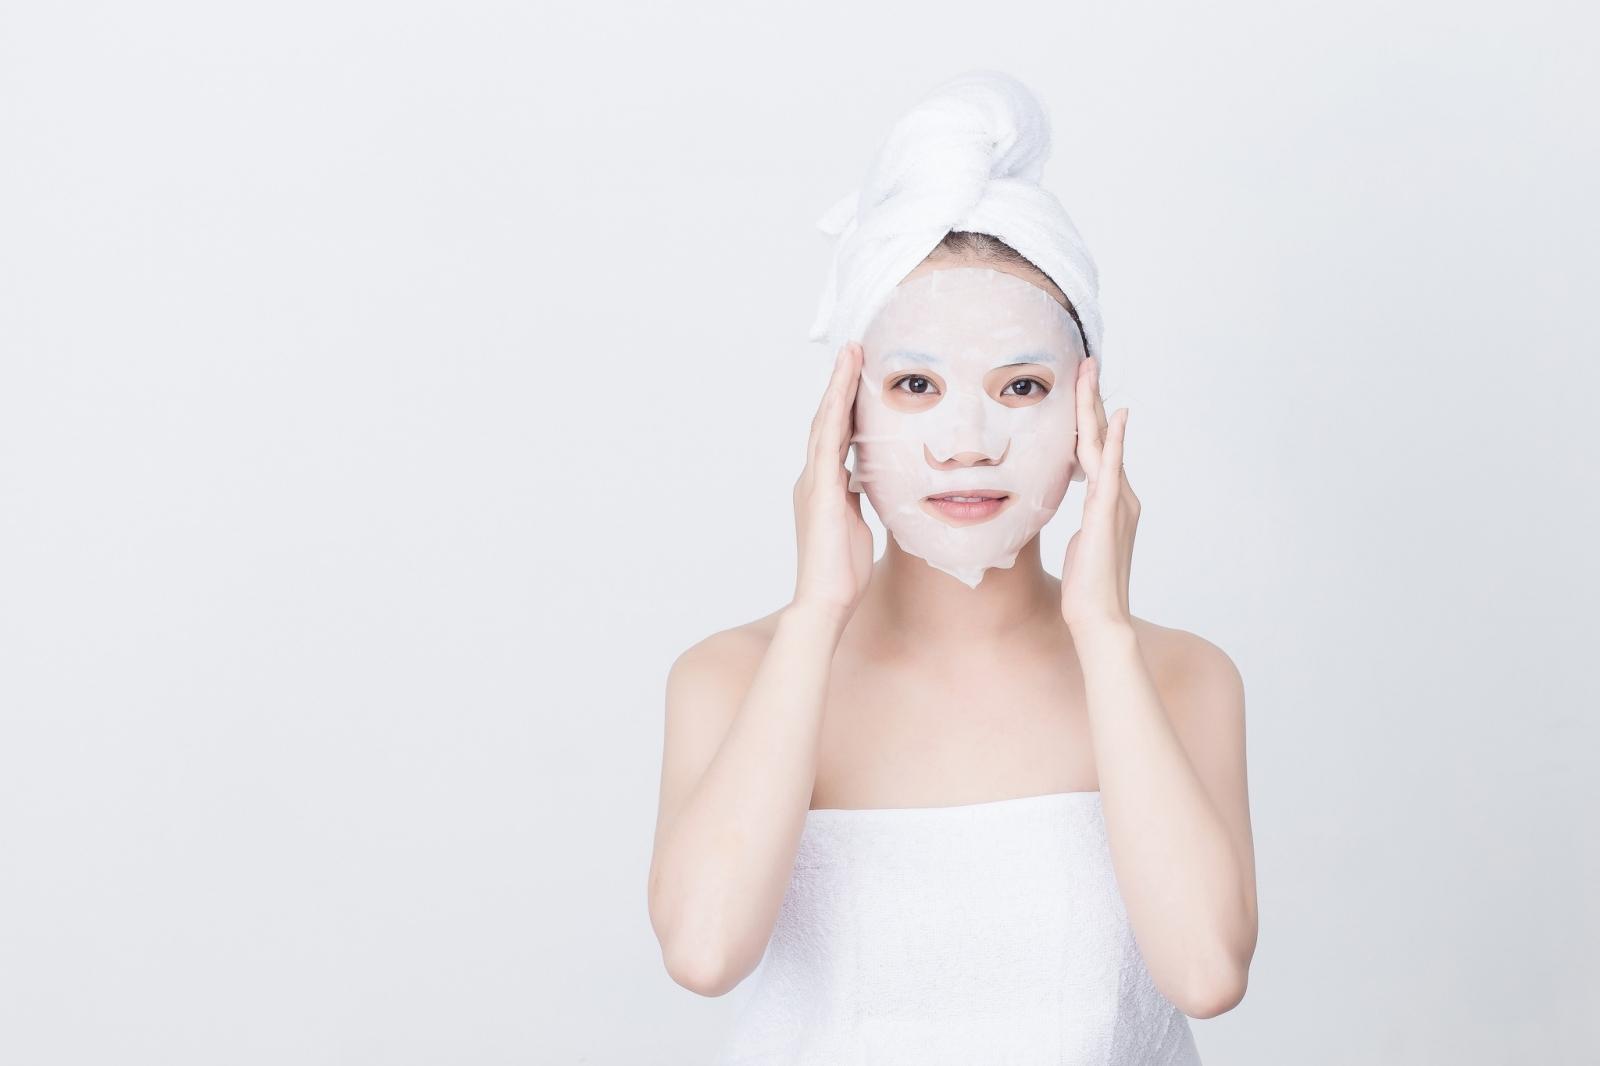 Dùng mặt nạ lột mụn như thế nào để an toàn cho da?